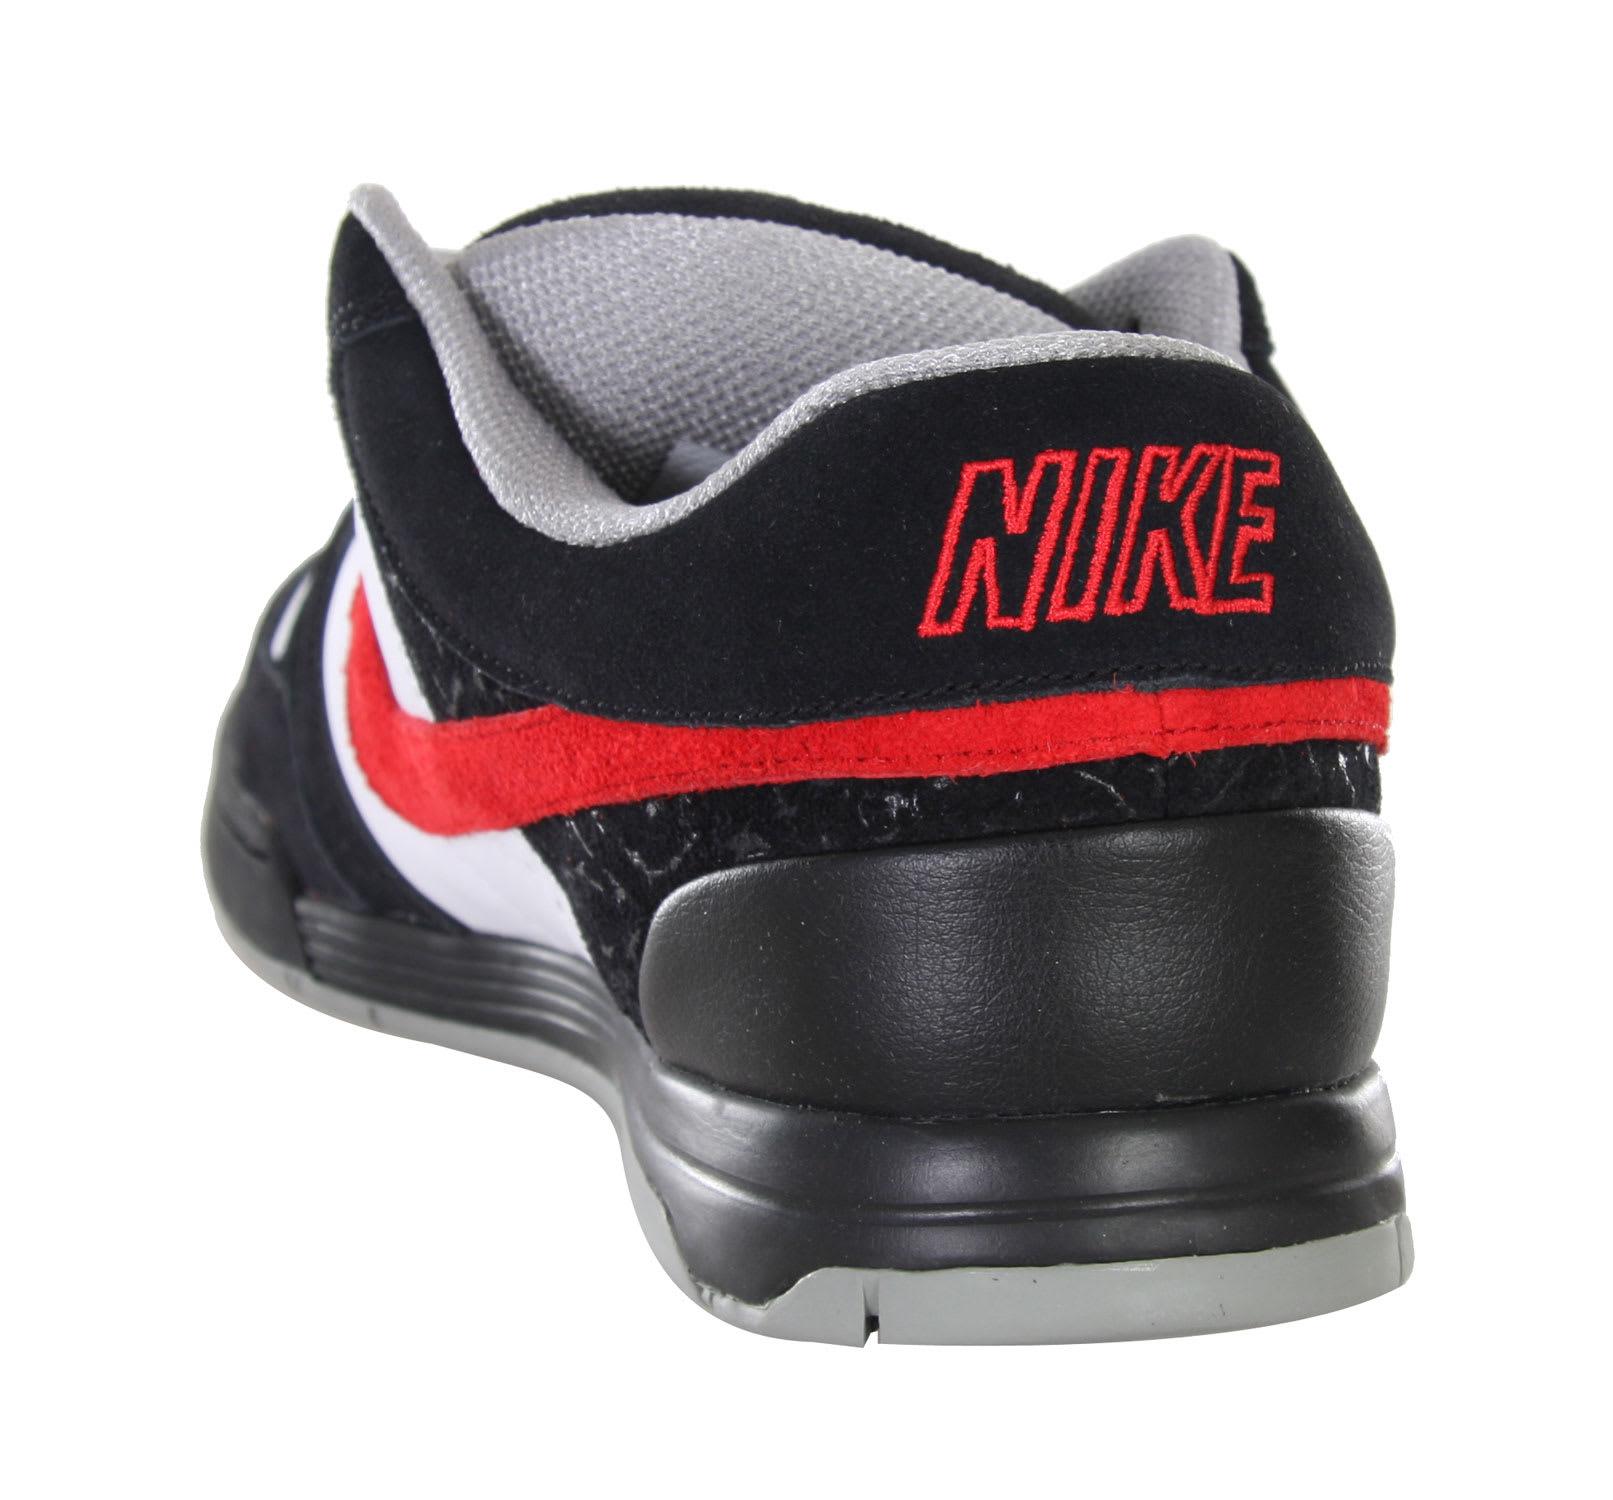 9dfb614e3d8ecb Nike Air Mogan Skate Shoes - thumbnail 2